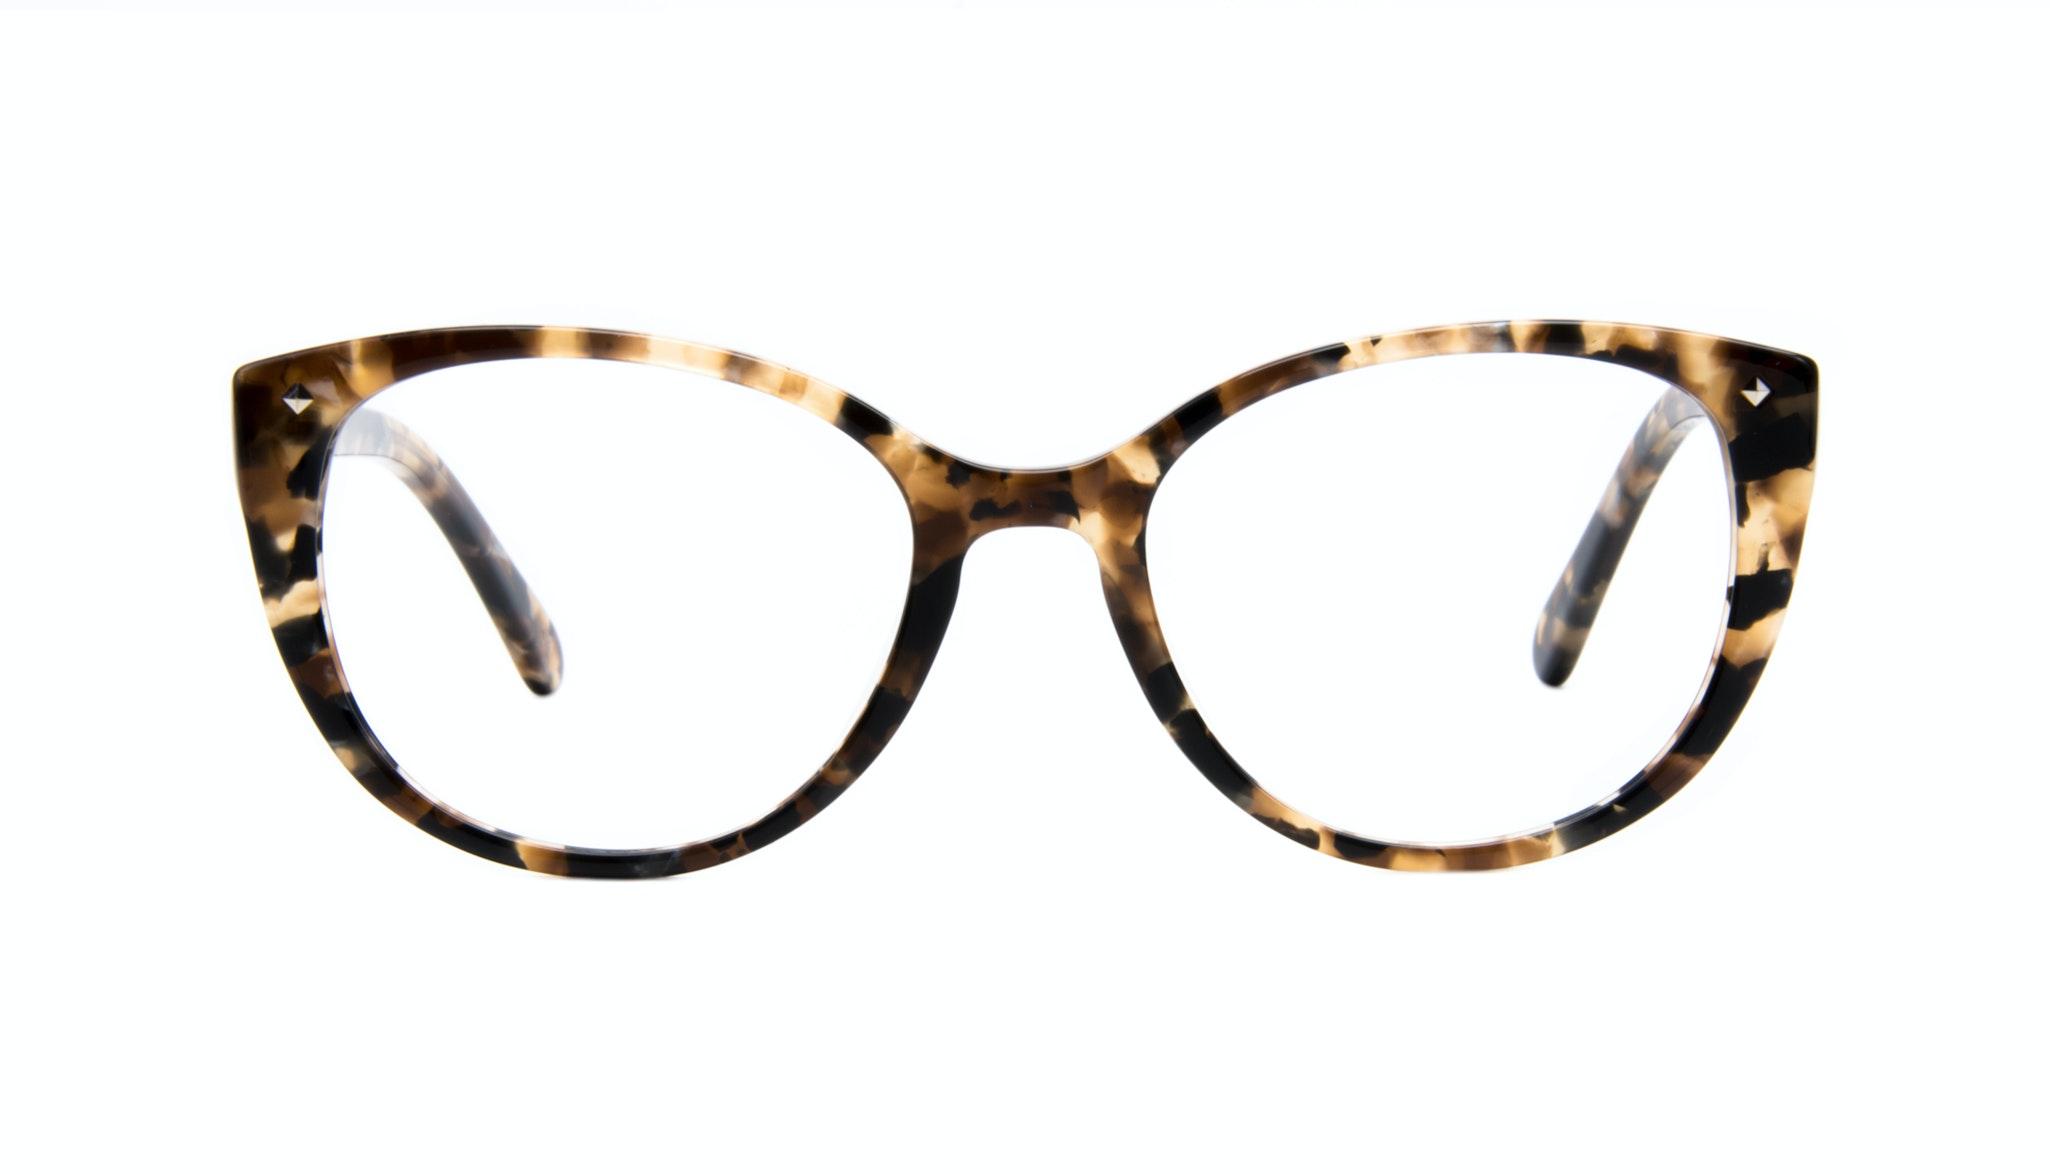 Lunettes tendance Oeil de chat Lunettes de vue Femmes Mist Tortoise Face